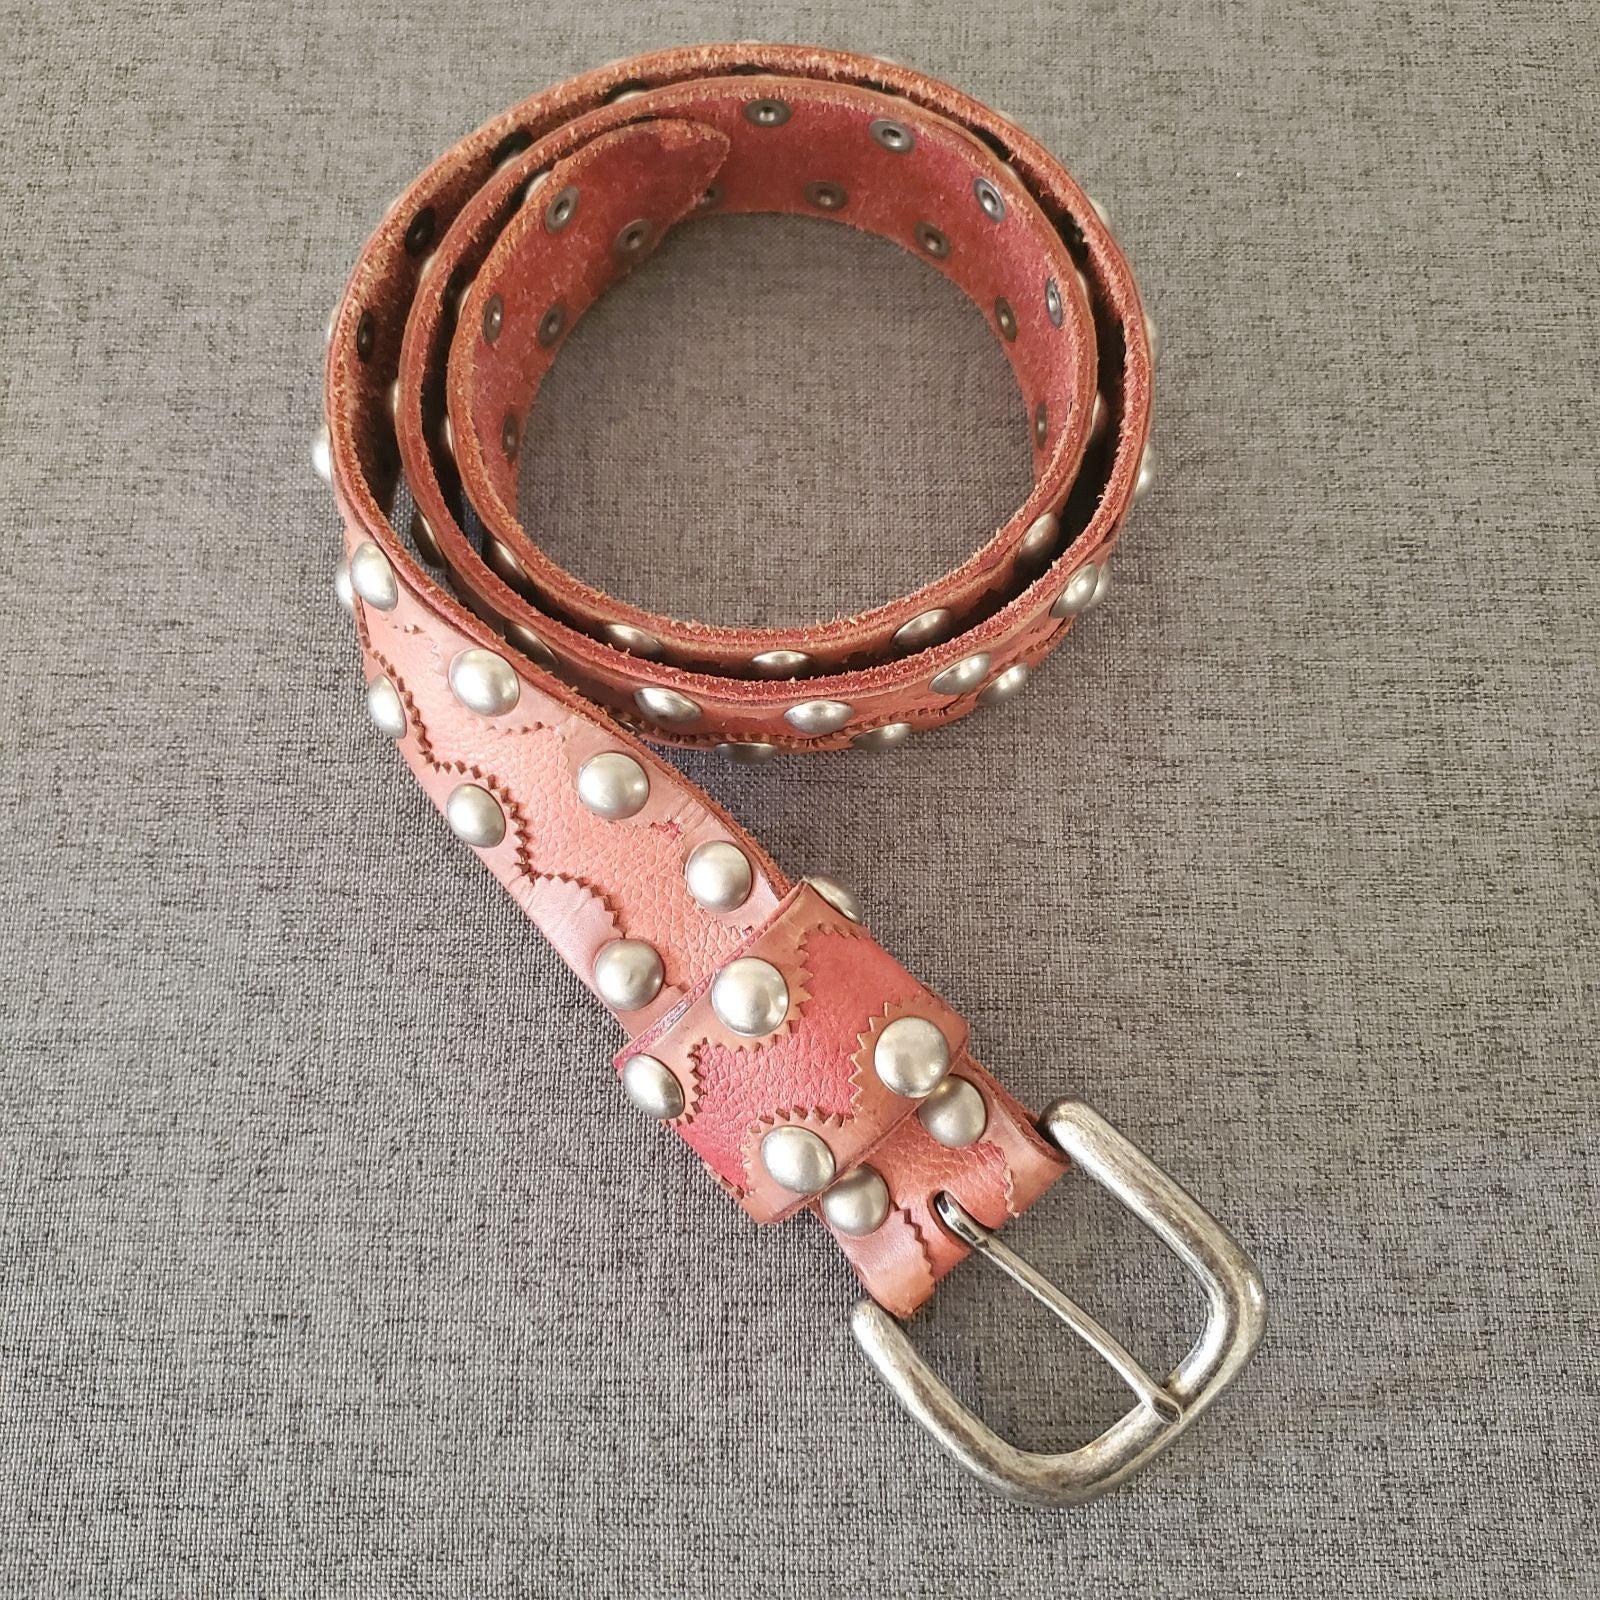 Studded Belt Vintage Leather